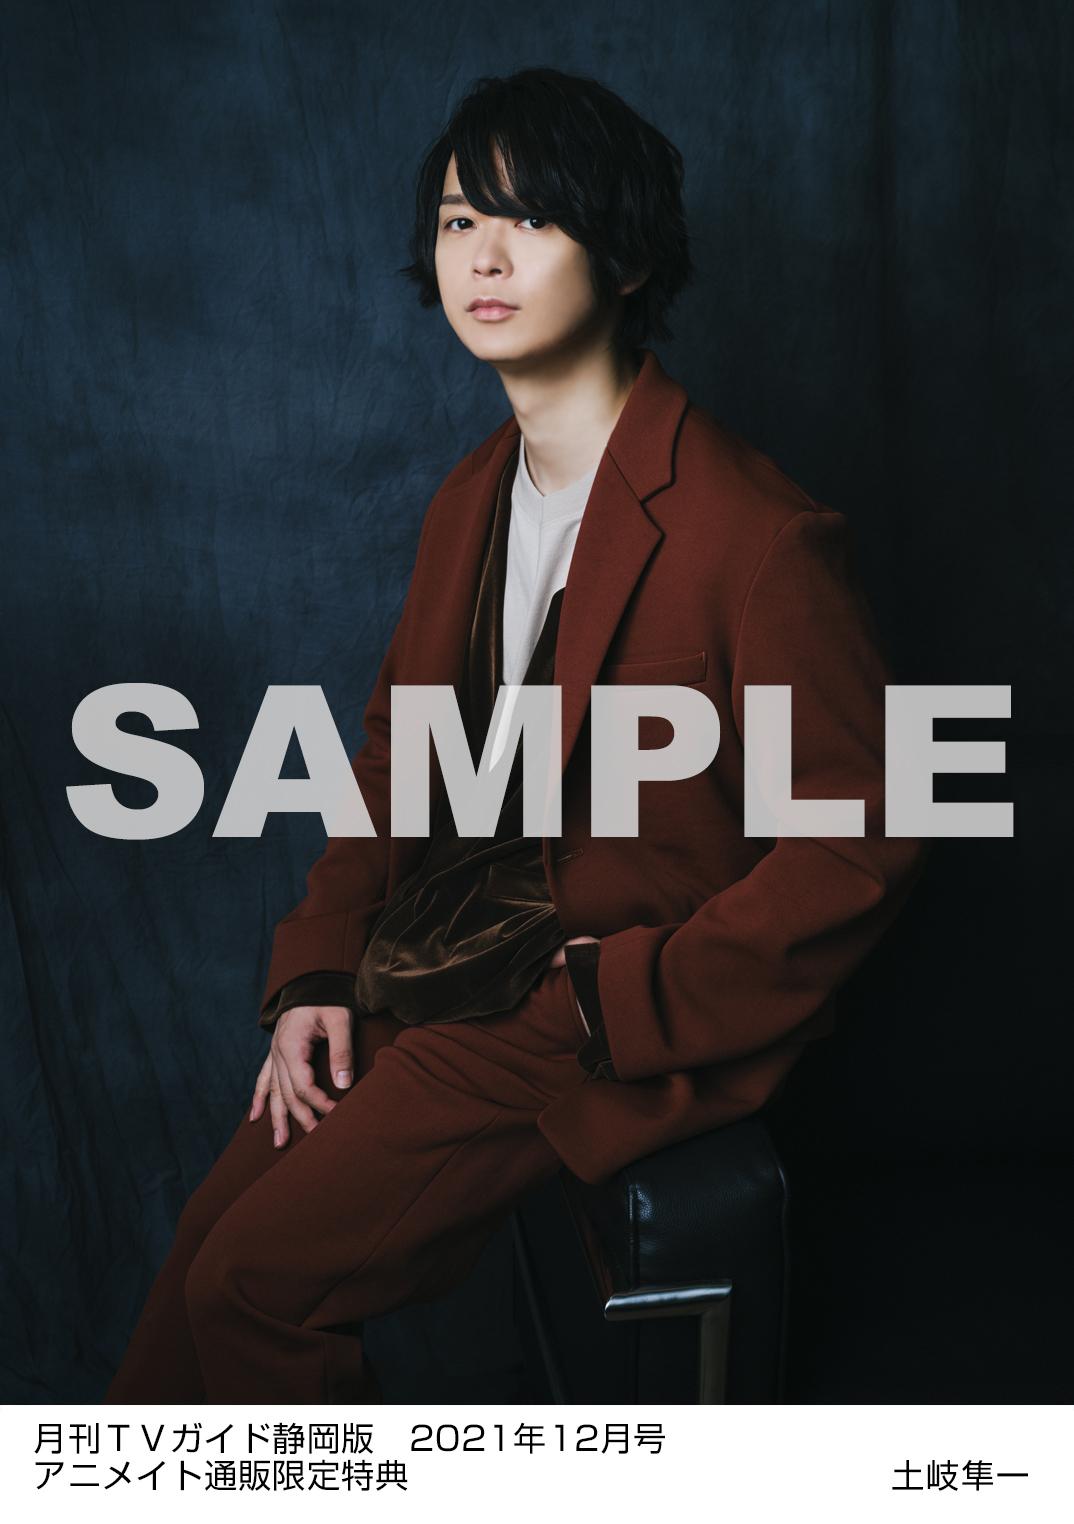 ⑥ 月刊TVガイド静岡版 2021年12月号/土岐隼一 特典生写真静岡版Ver.